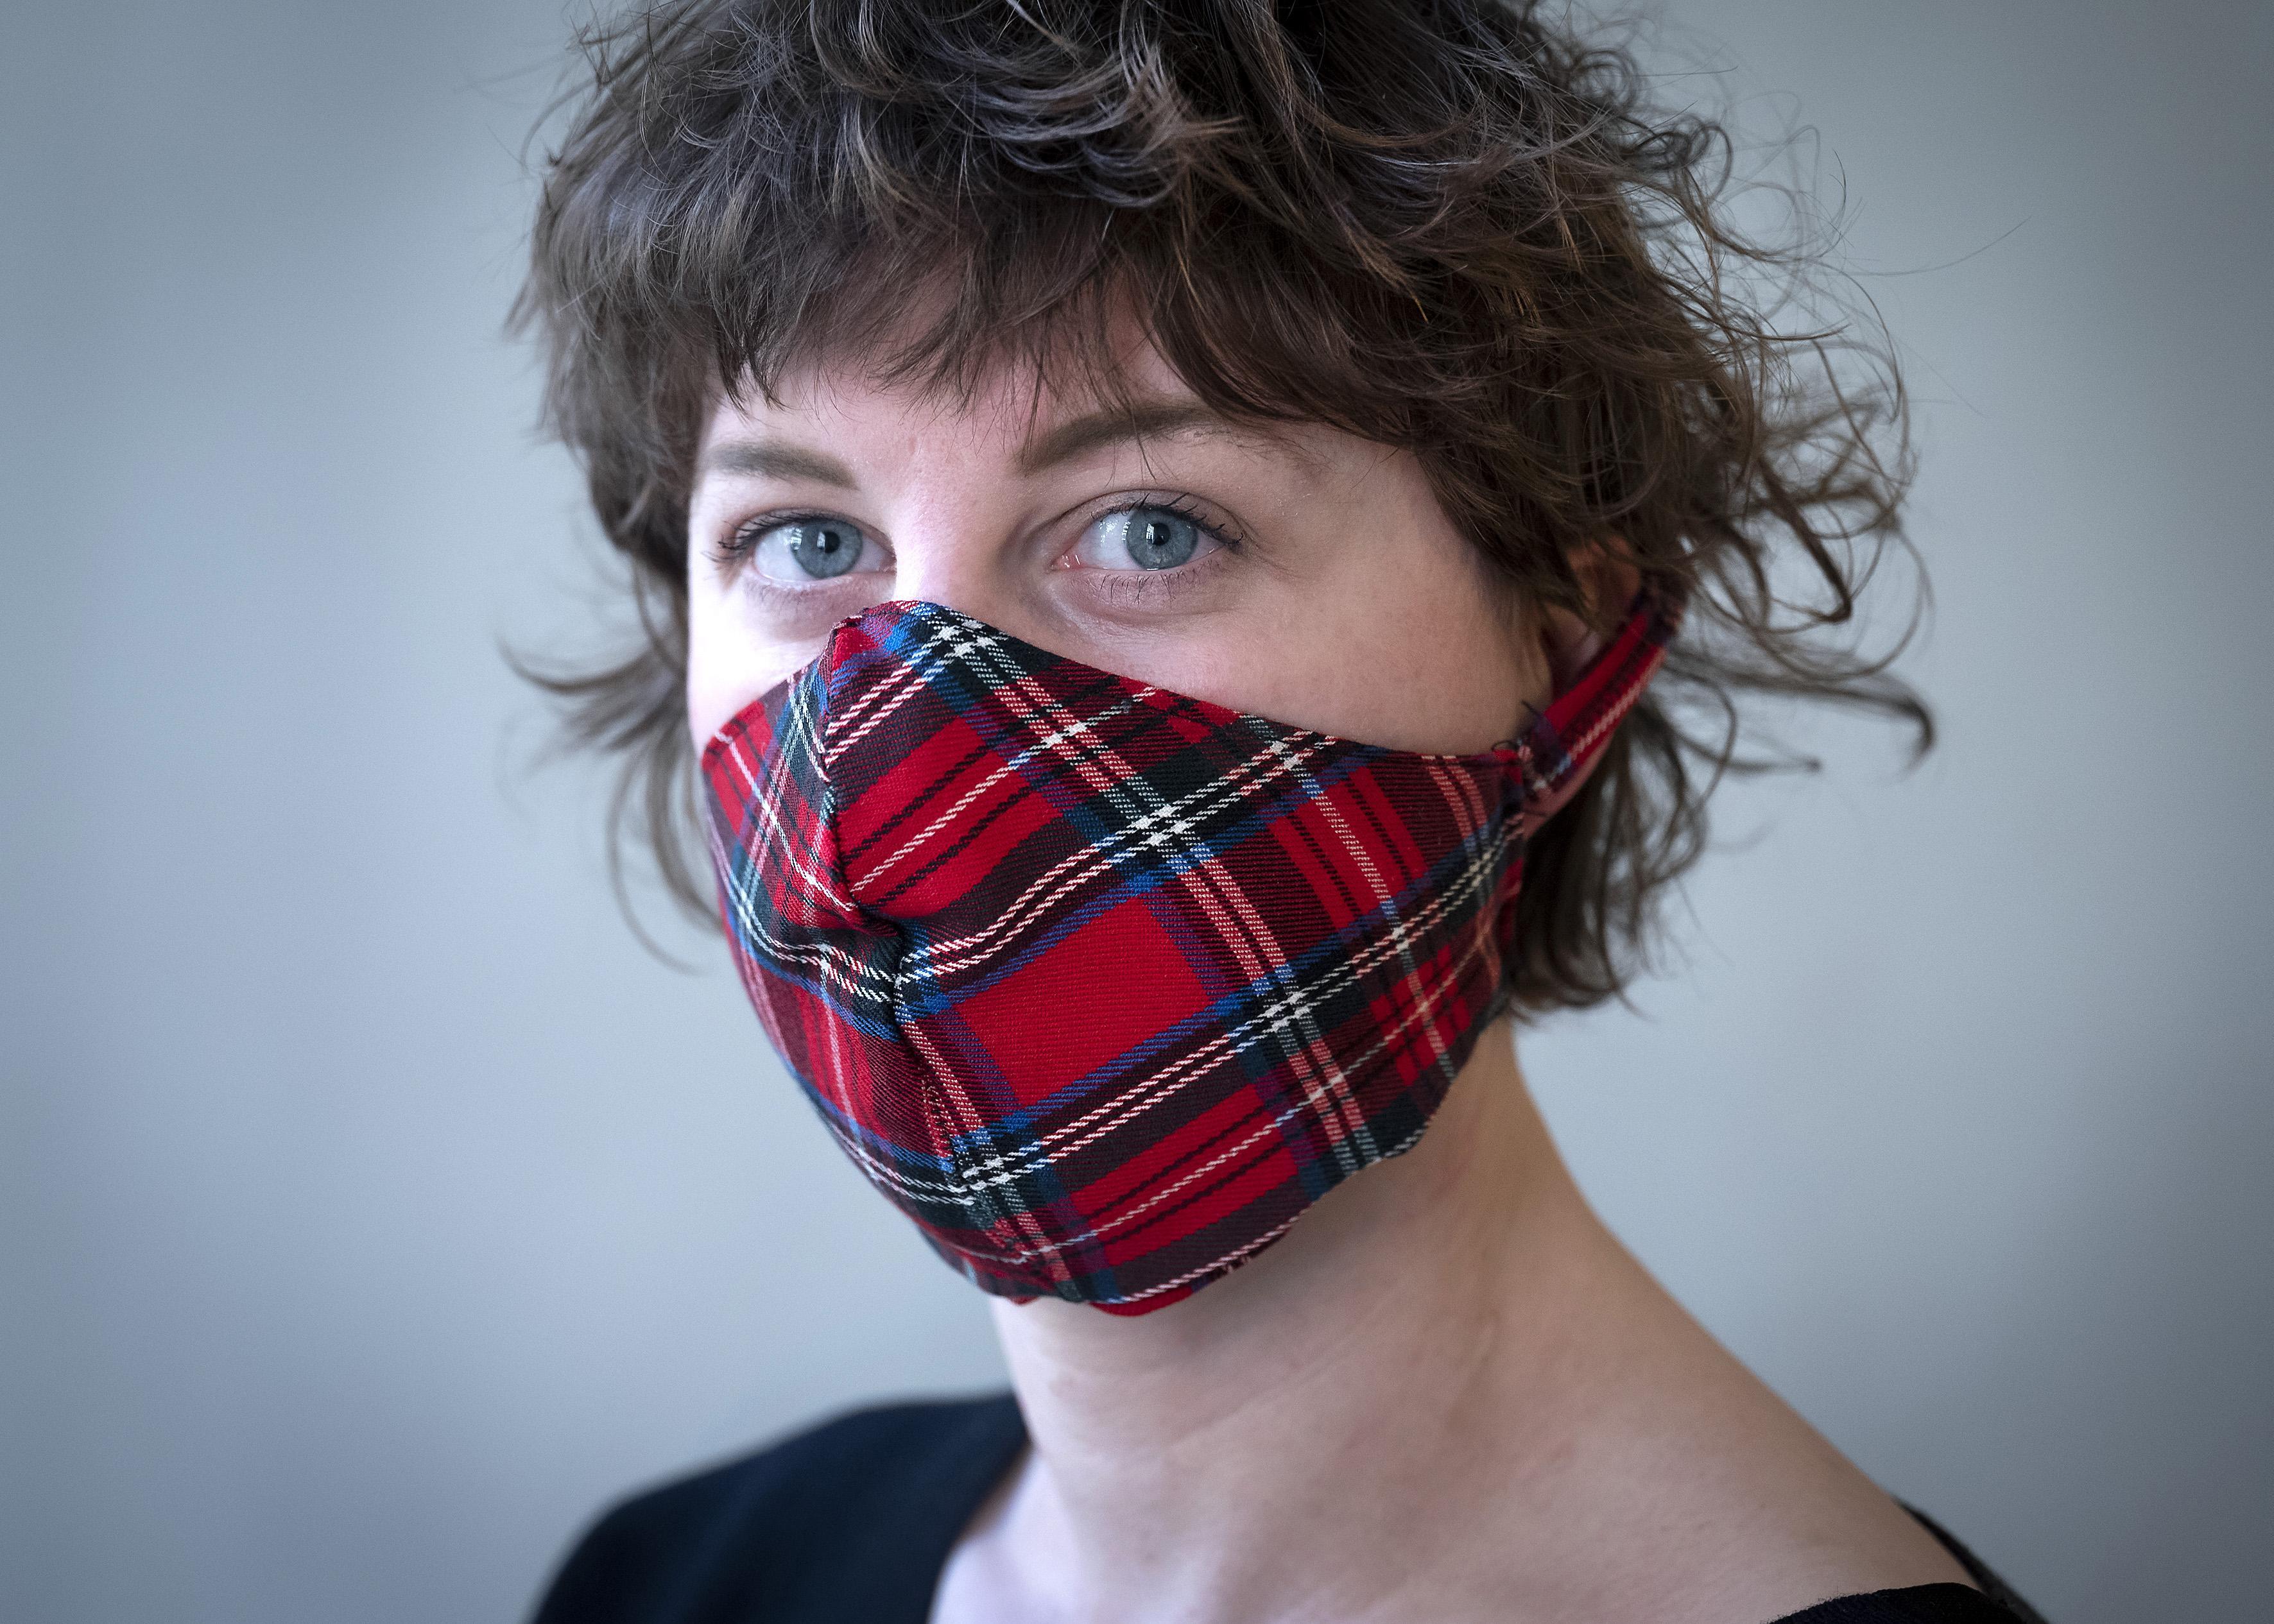 Stijlvolle mondkapjes naaien is inmiddels volle dagbesteding voor Haarlemse kunstenares Madelief Geus: 'Je kan ze ook als sjaaltje dragen!'